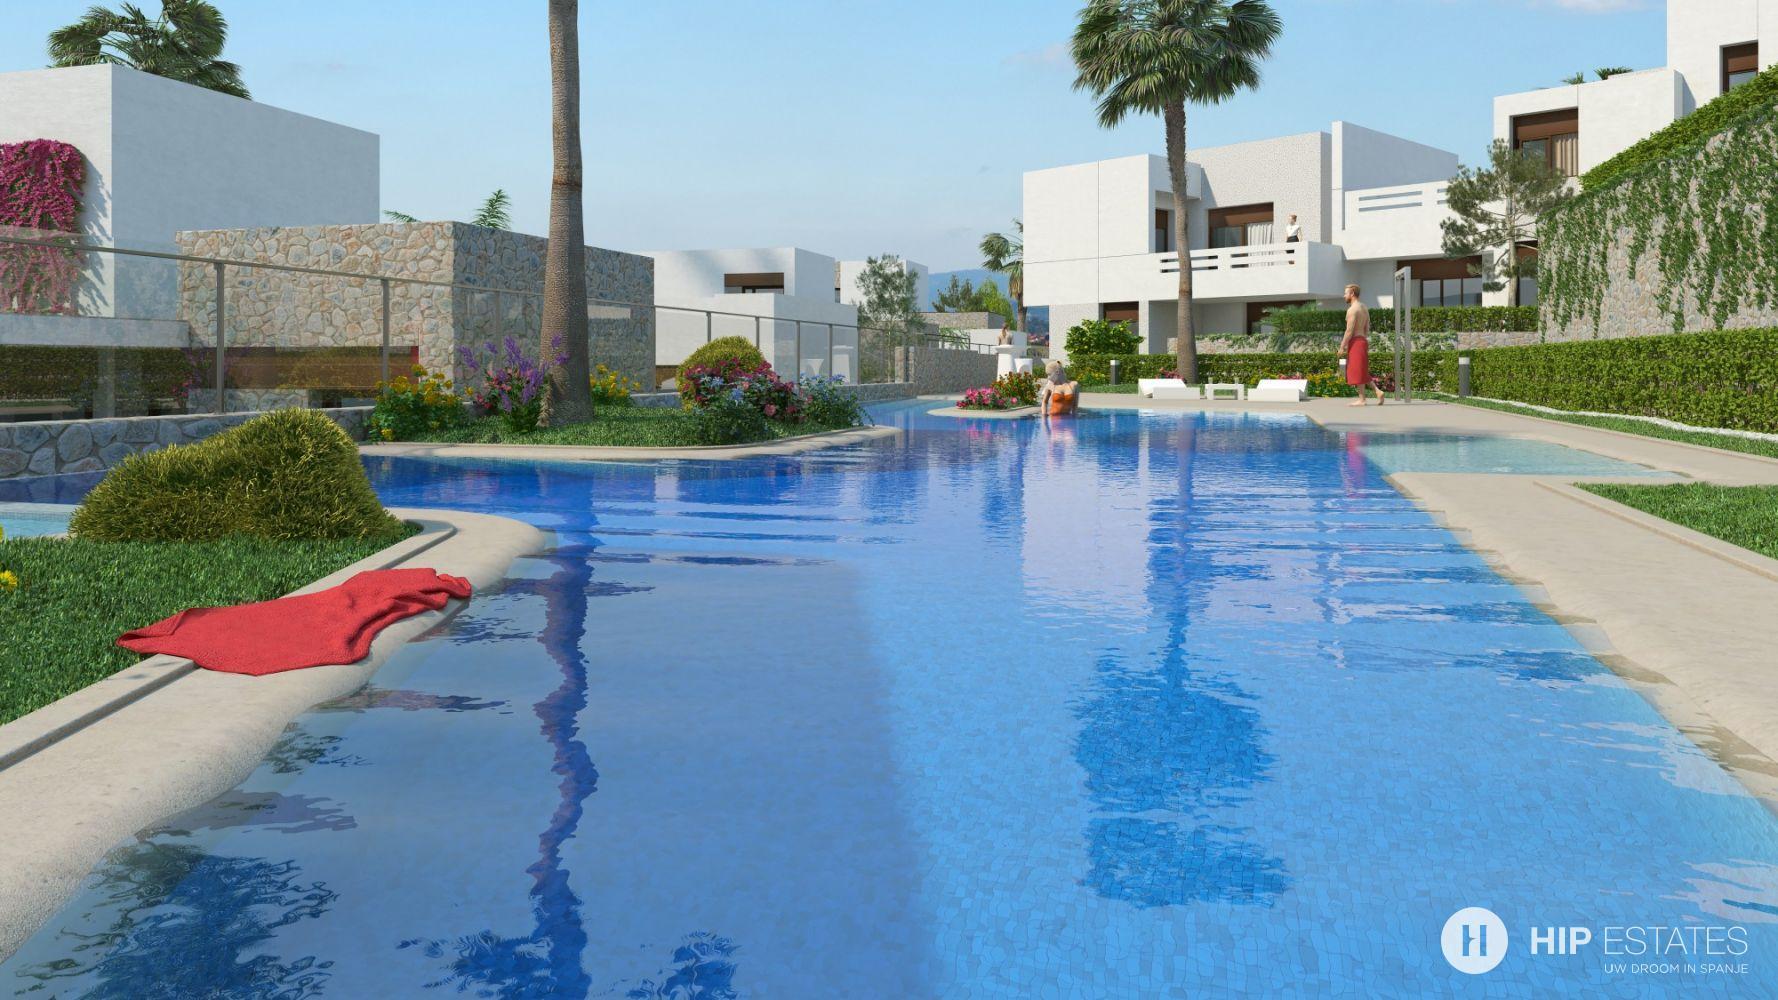 Geschakelde villa 39 s of appartementen op golfdomein in orihuela costa alicante spanje hip estates - Stad geschakelde ...